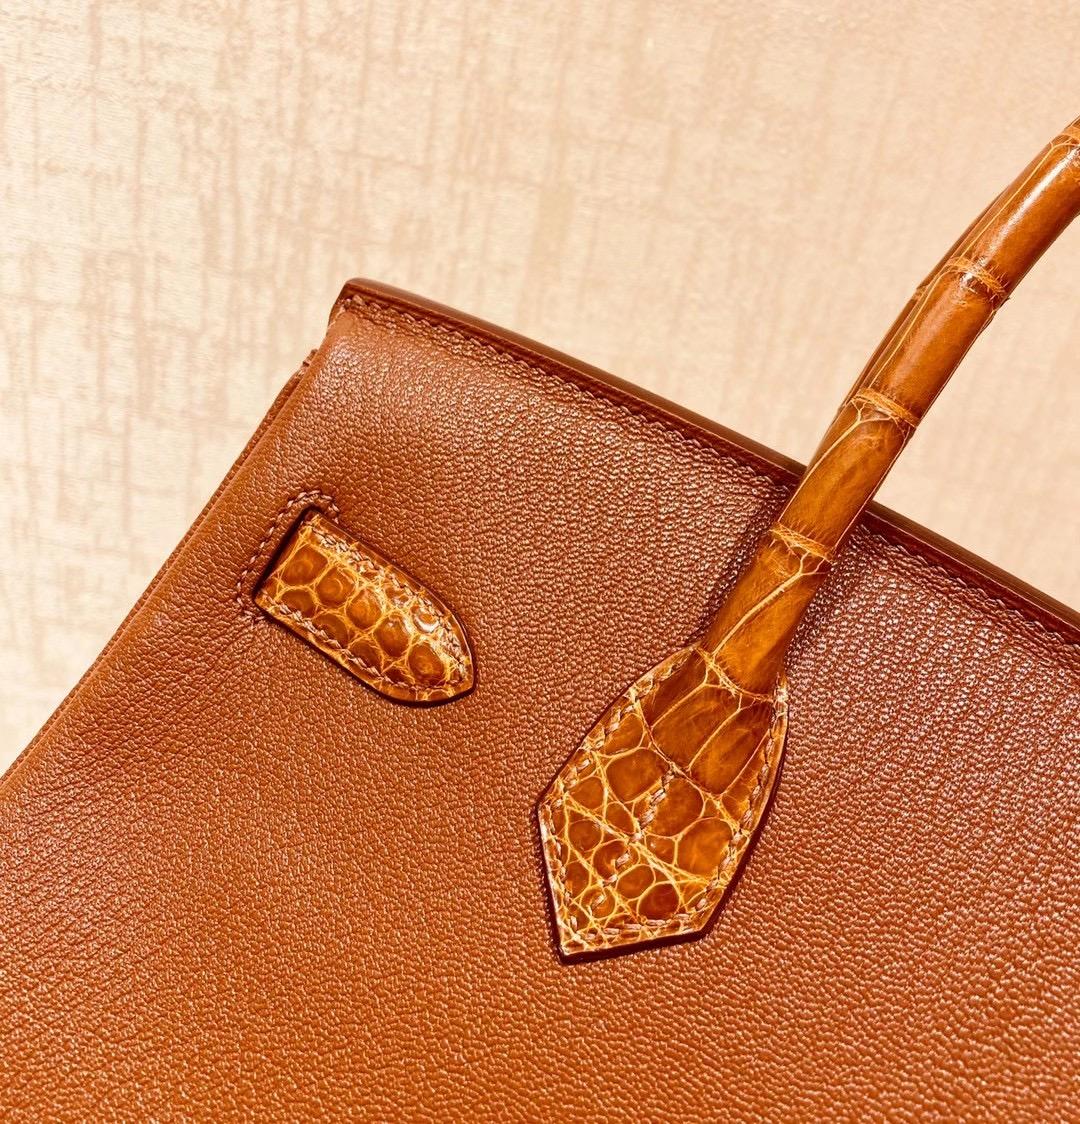 爱马仕 Hermes Birkin Touch 30CM 蜜糖棕色配鳄鱼盖头 银扣 纯手工缝制